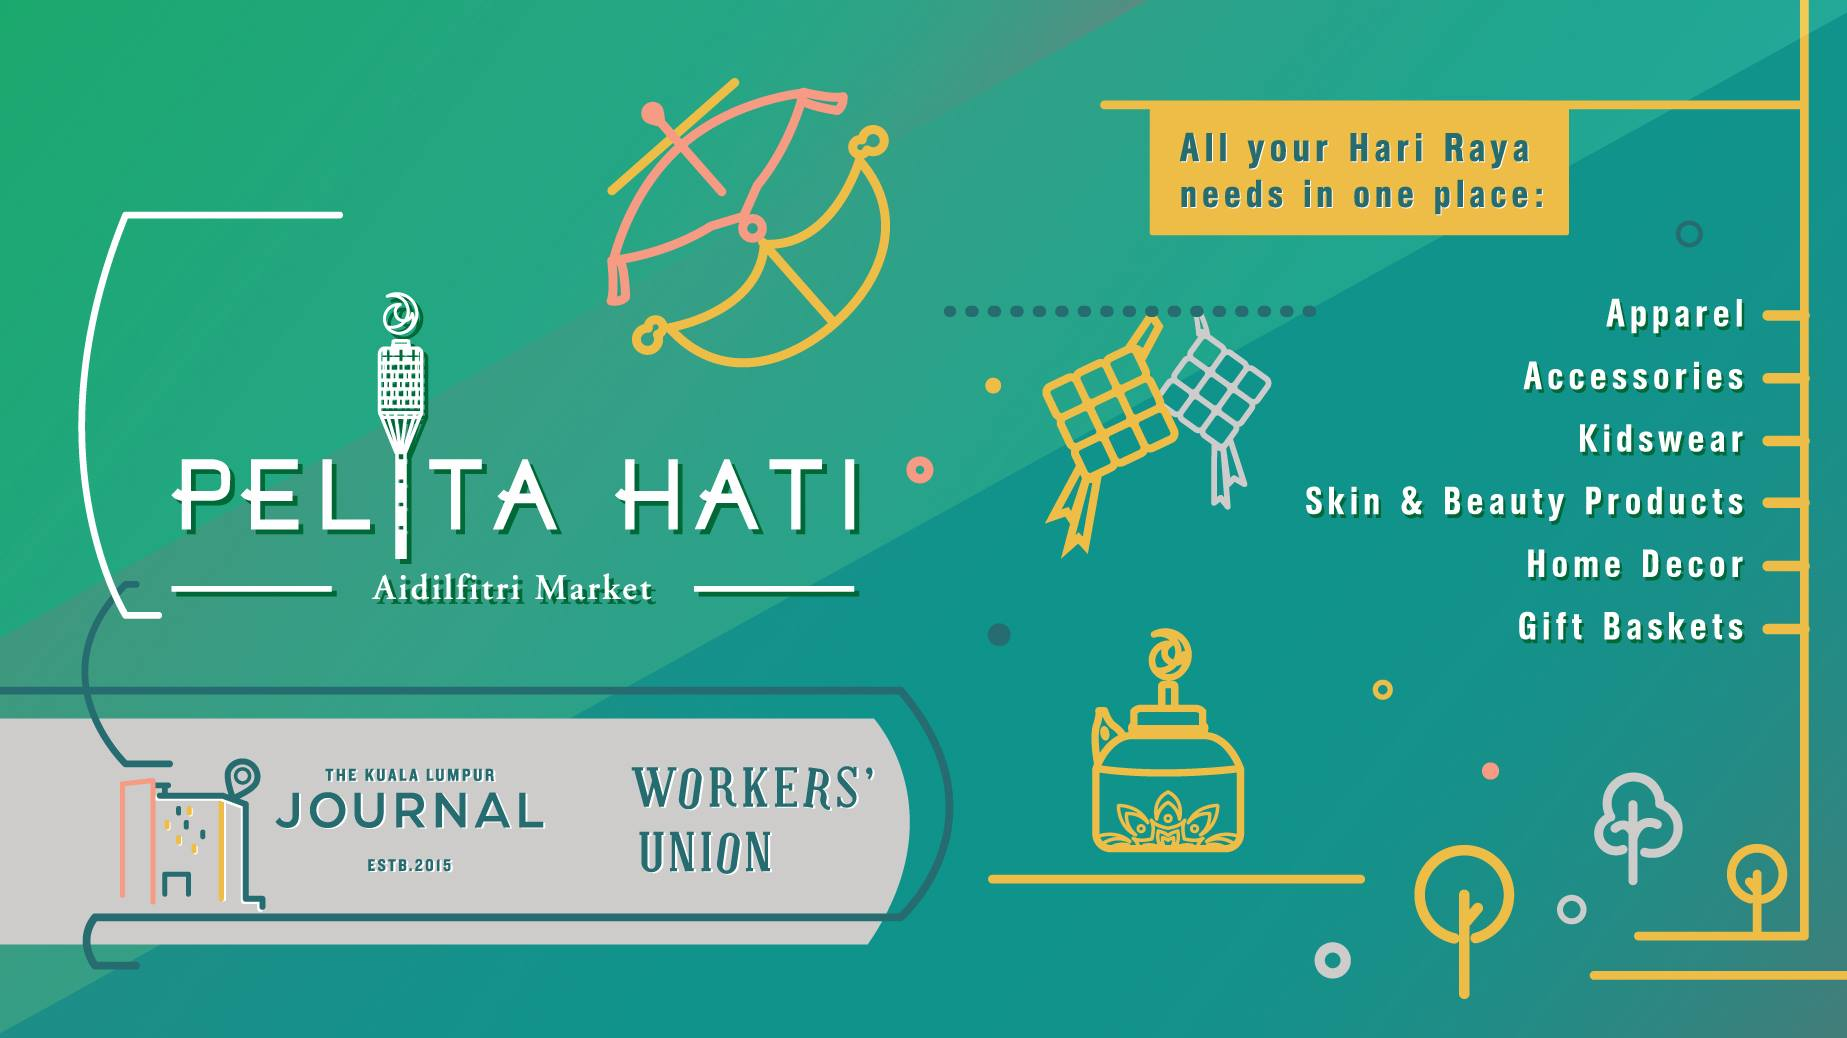 Head over to Pelita Hati Aidilfitri Market this weekend.